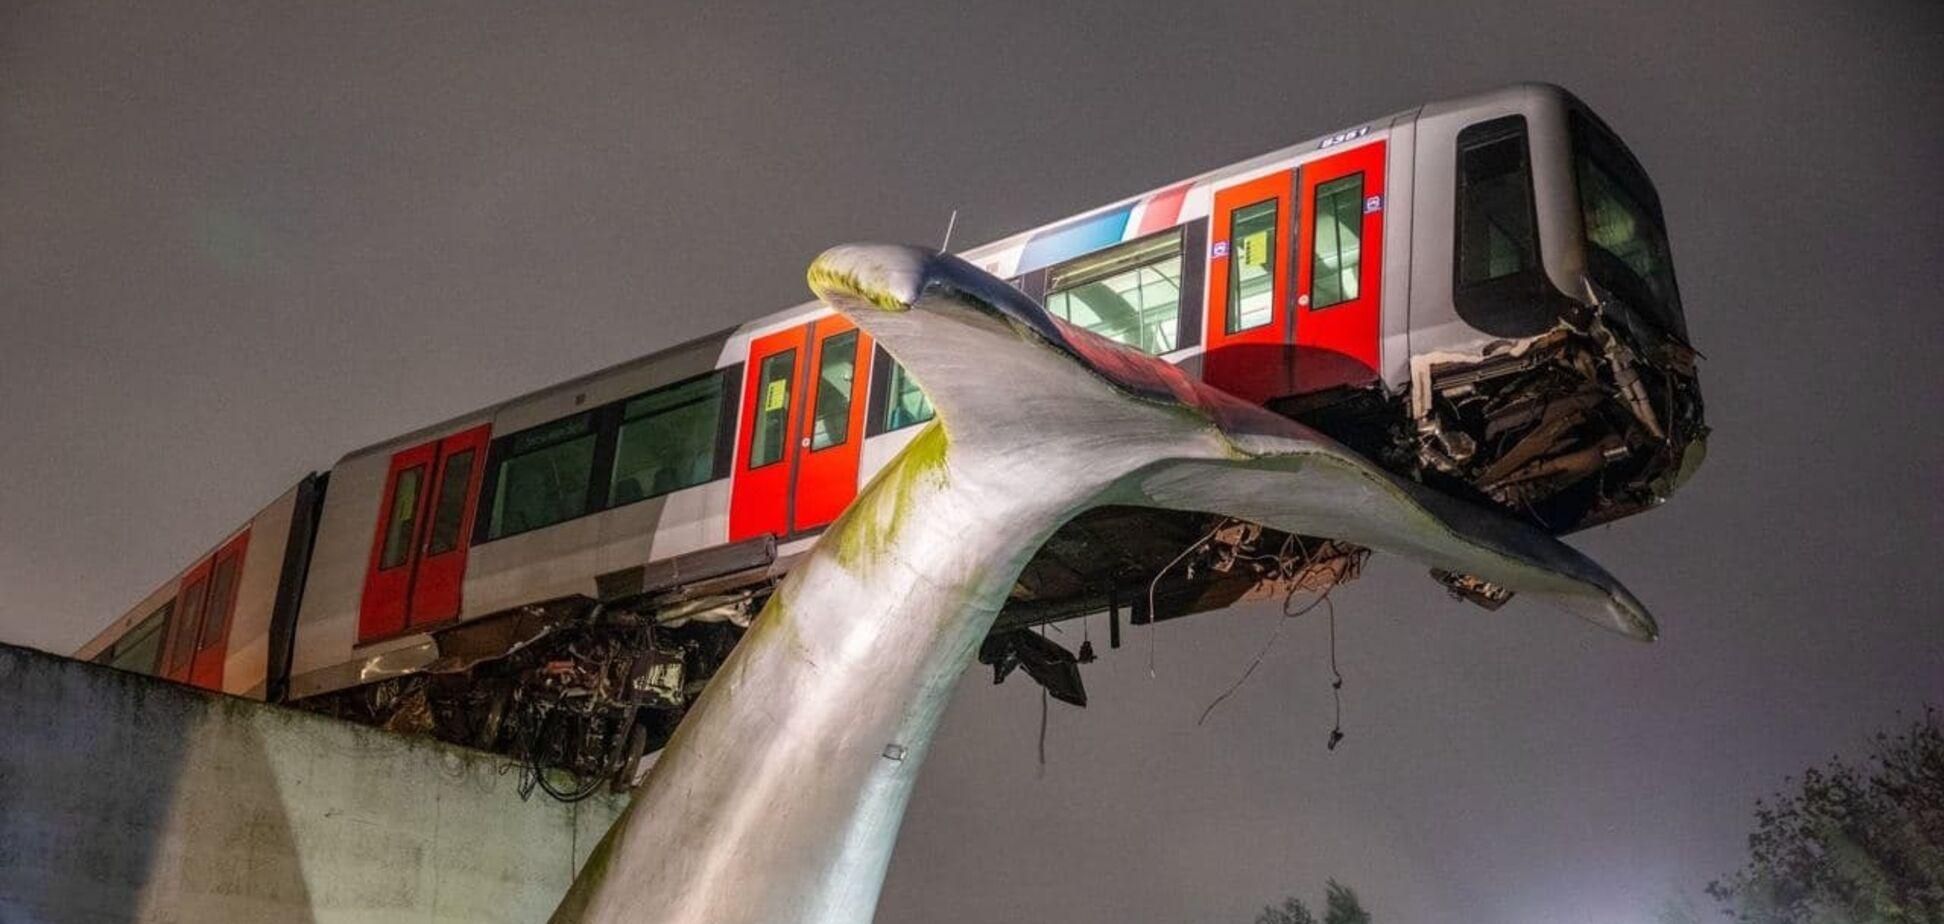 Скульптура кита врятувала падаючий поїзд у Нідерландах